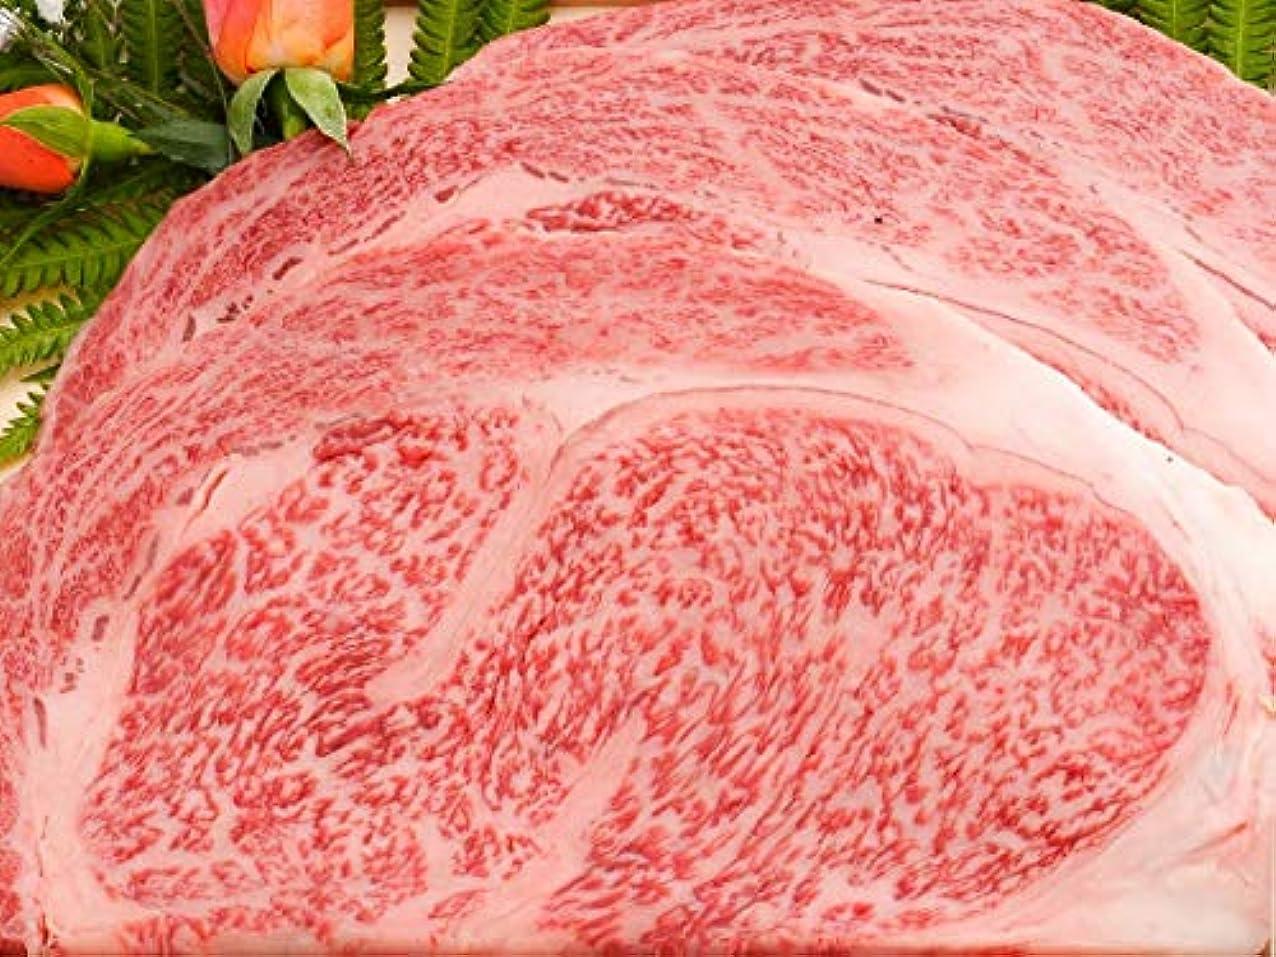 ベルリング顧問【米沢牛卸 肉の上杉】 米沢牛リブロース 焼肉用 800g ギフト用化粧箱仕様